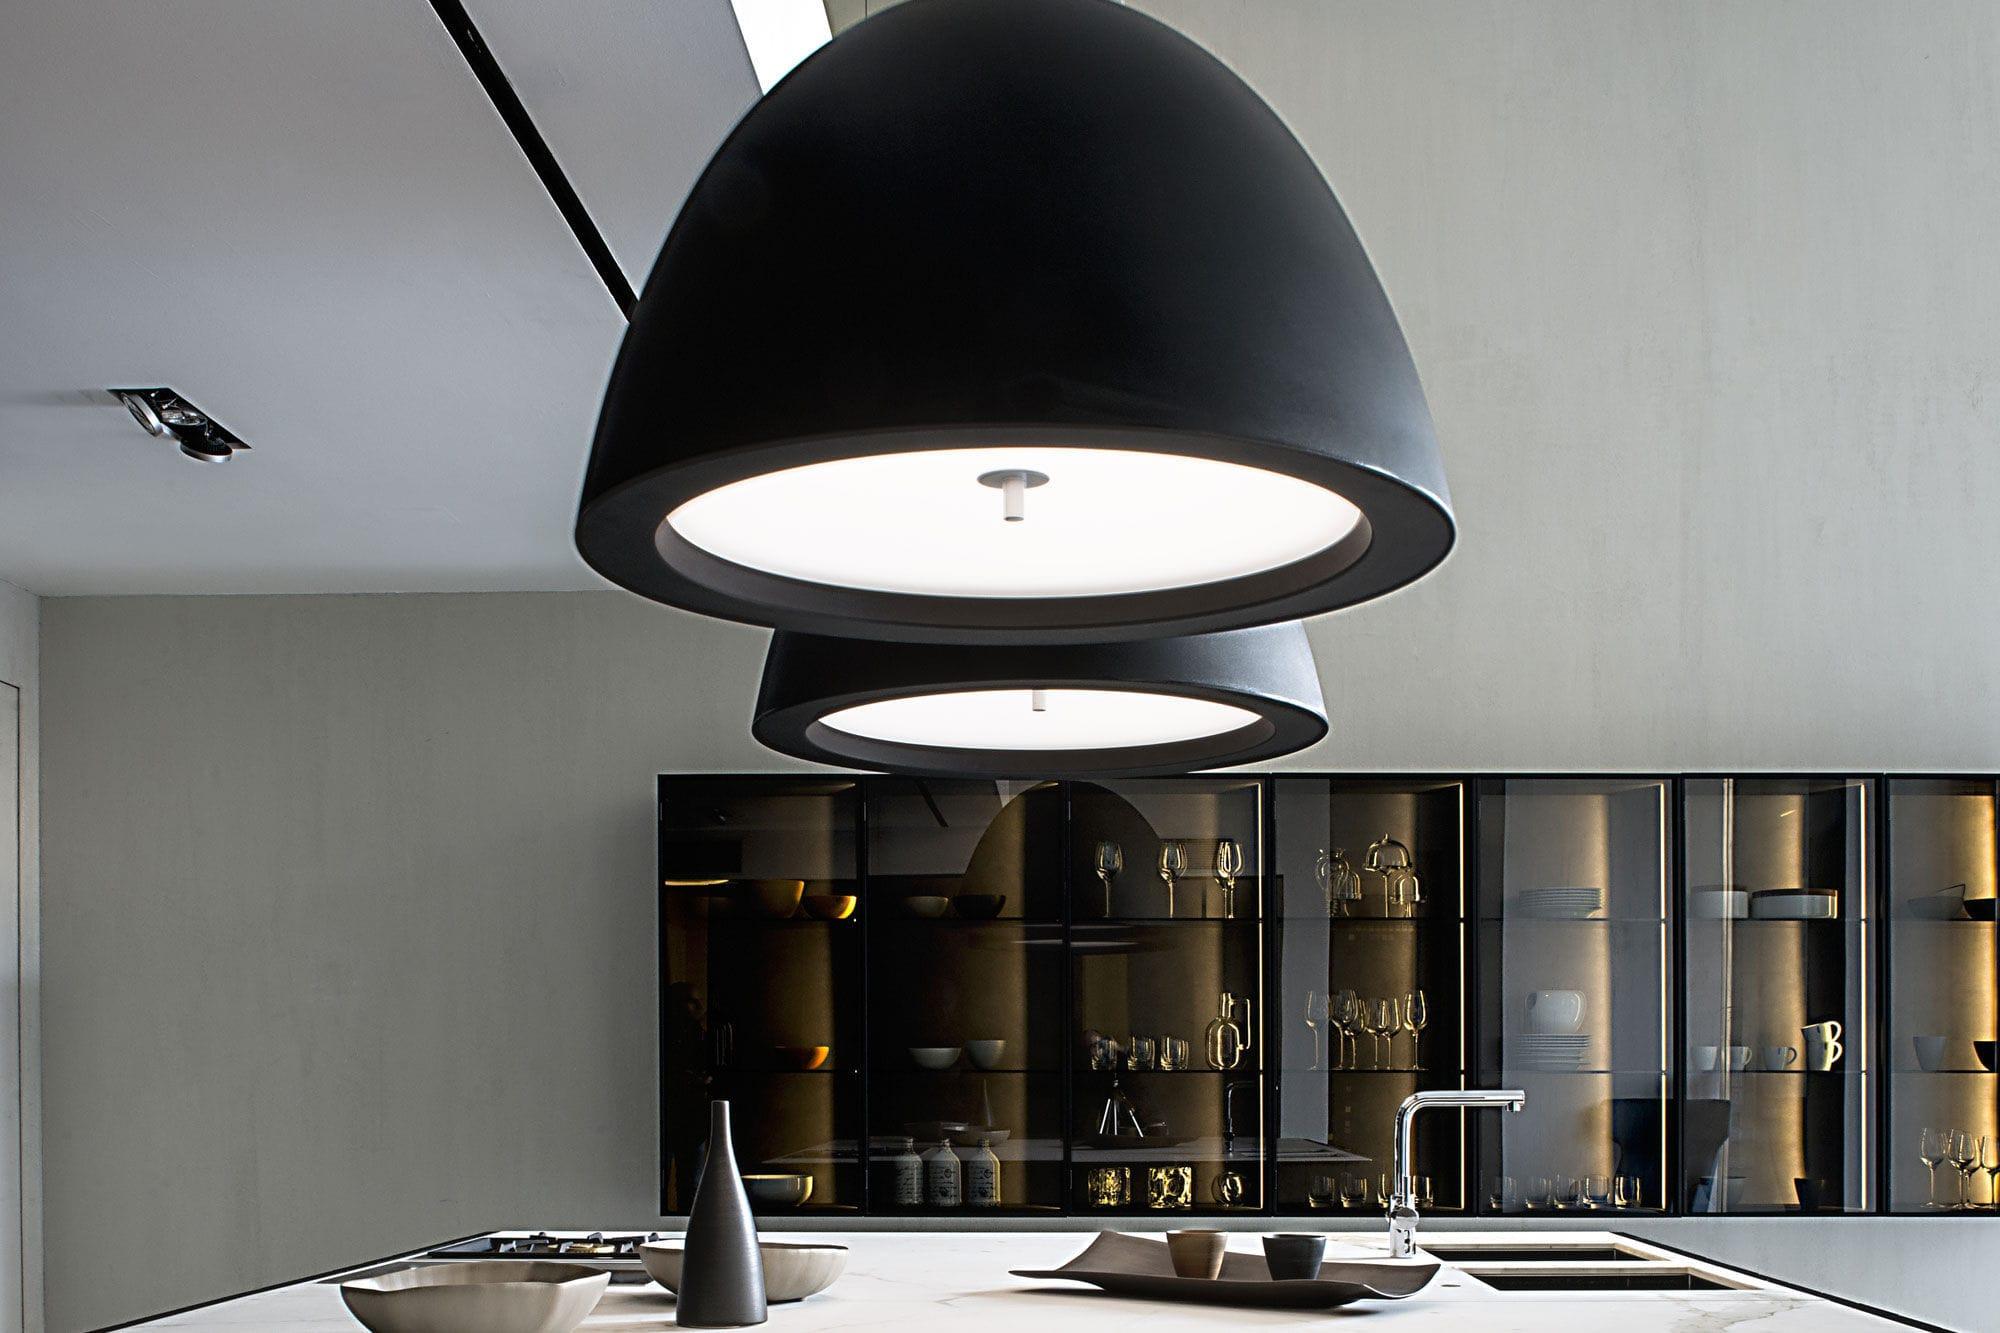 Lampade In Vetro A Sospensione : Lampada a sospensione moderna in alluminio in vetro soffiato